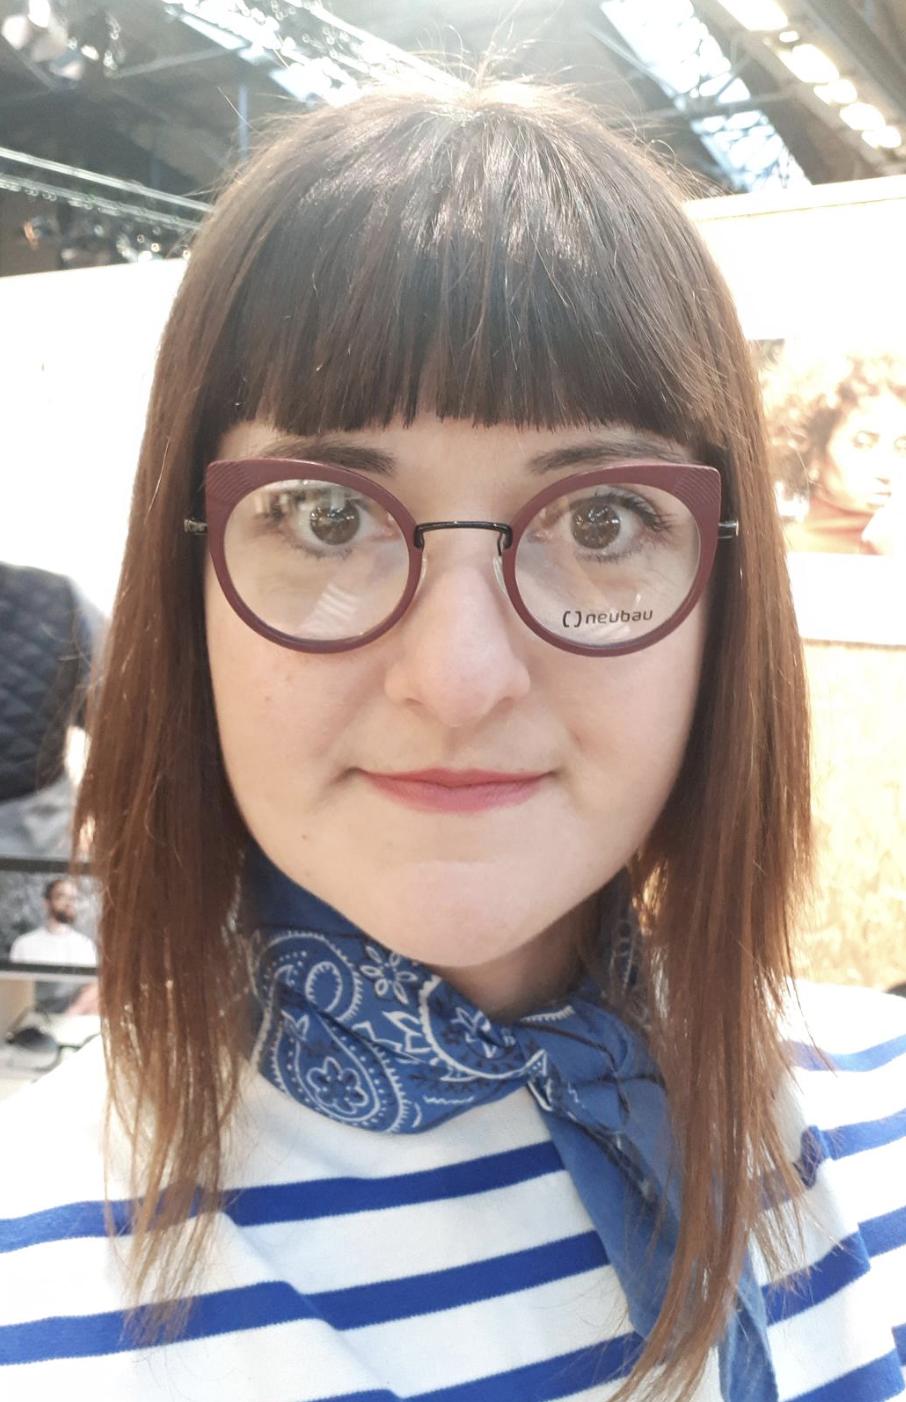 copenhagen specs in Berlin